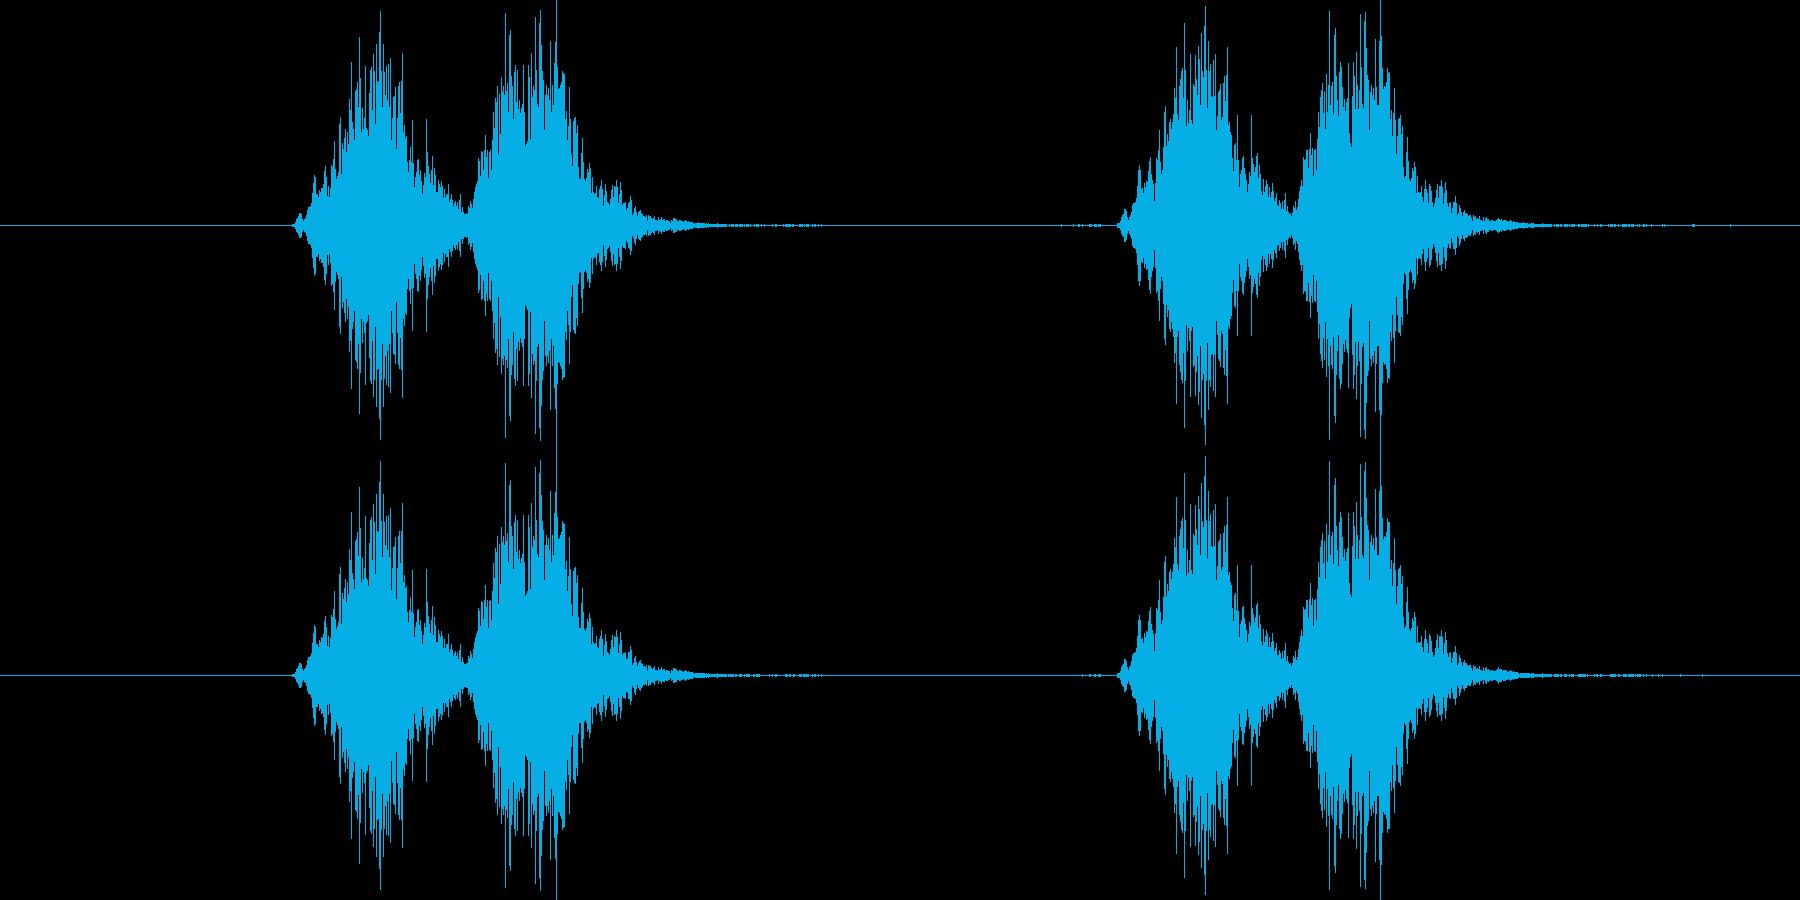 コザクラインコが呼応する鳴き声の音の再生済みの波形